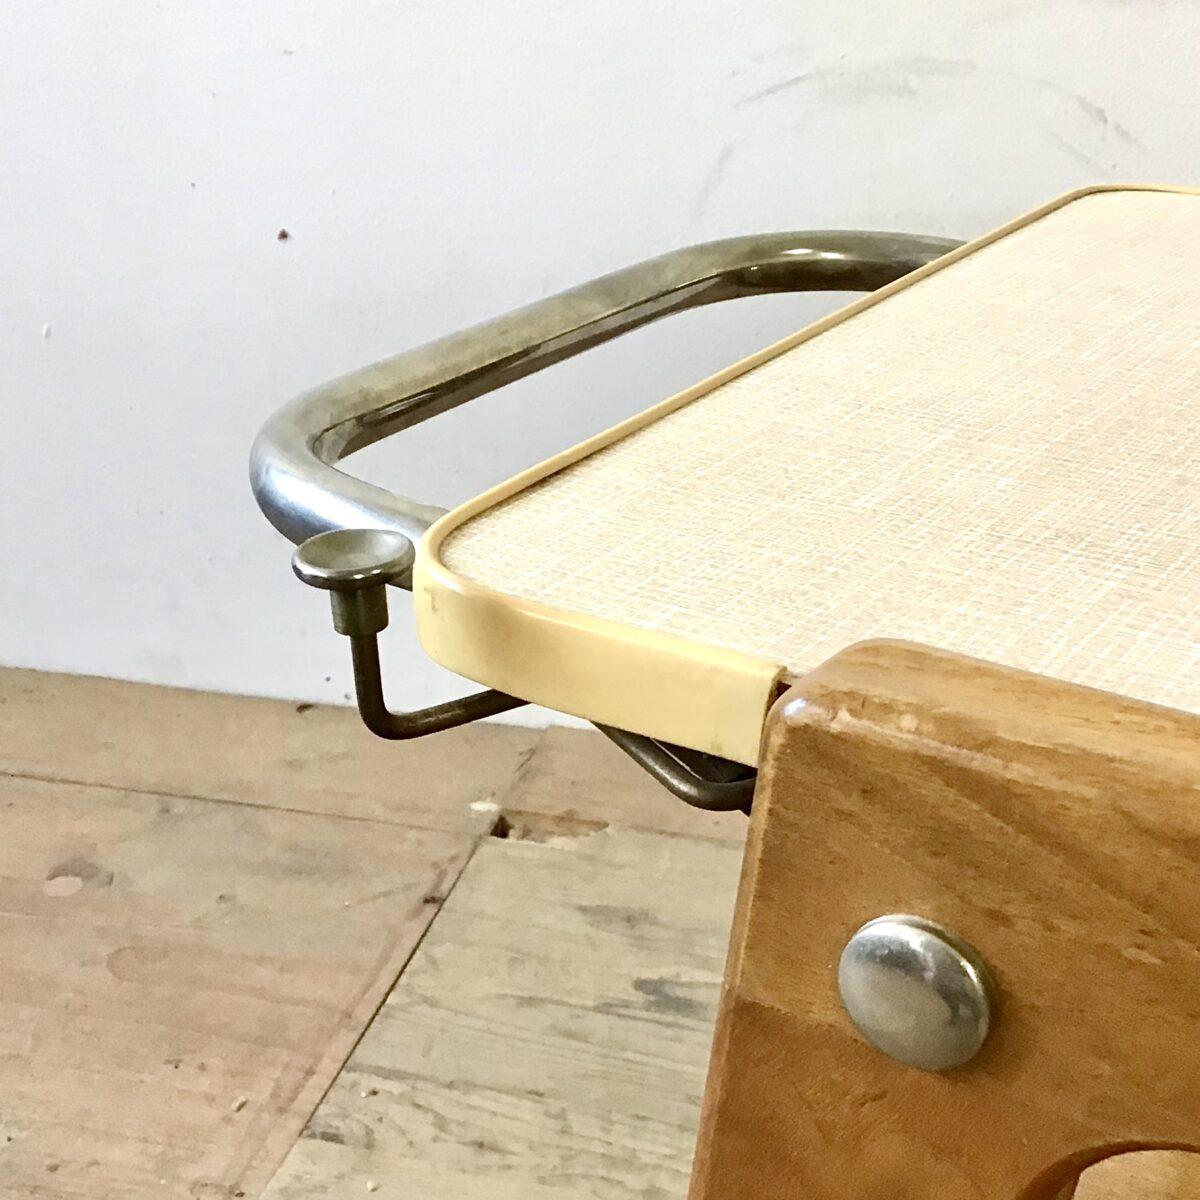 60er 70er Jahre Servierwagen mit elektrischer Heizplatte. 80cm mal 44cm Höhe 60cm. Nussbaum Vollholz lackiert mit Kugel Rollen. Deckblatt Kelko leicht rosa meliert. Das elektro Kabel hat einen mechanischen Einzug, einem Staubsauger ähnlich. Auch als Sofa Beistelltisch oder schnaps Regal praktisch.